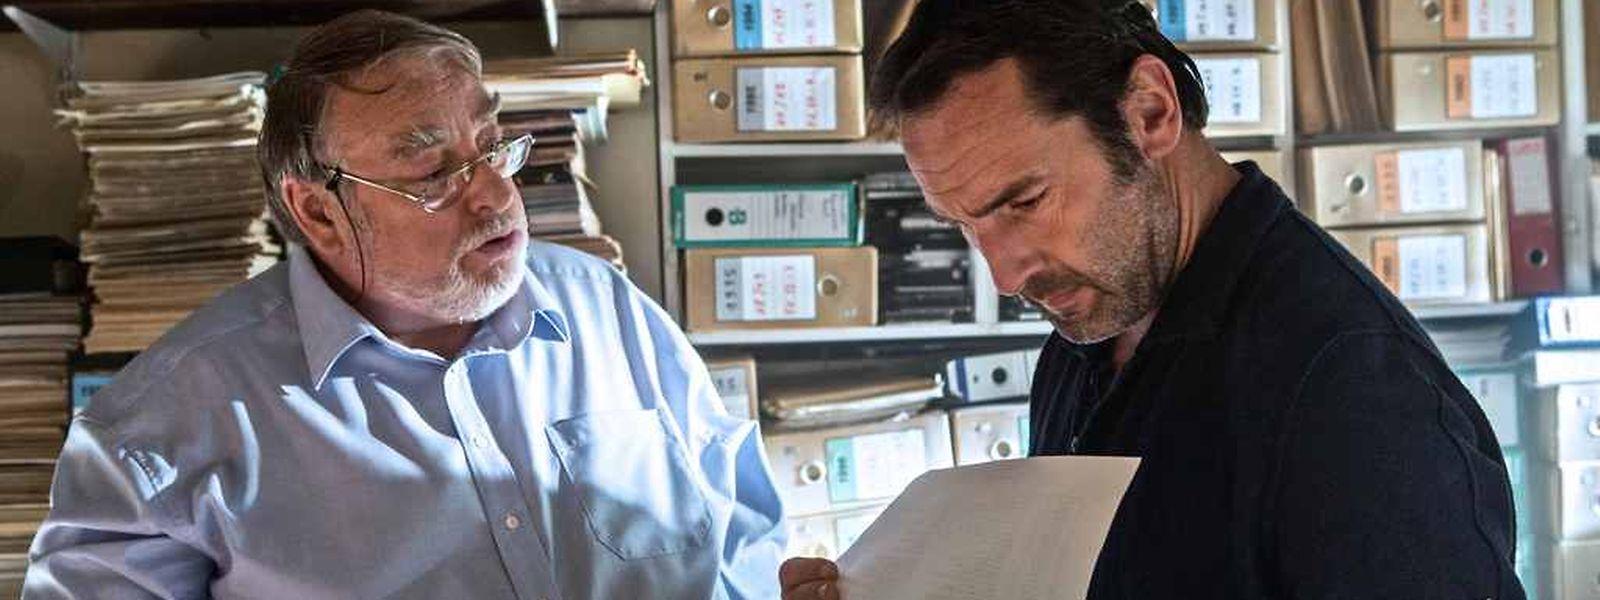 """Marc Olinger (Ernest Backes) et Gilles Lellouche (Denis Robert) dans """"L'enquête"""" de Vincent Garenq."""